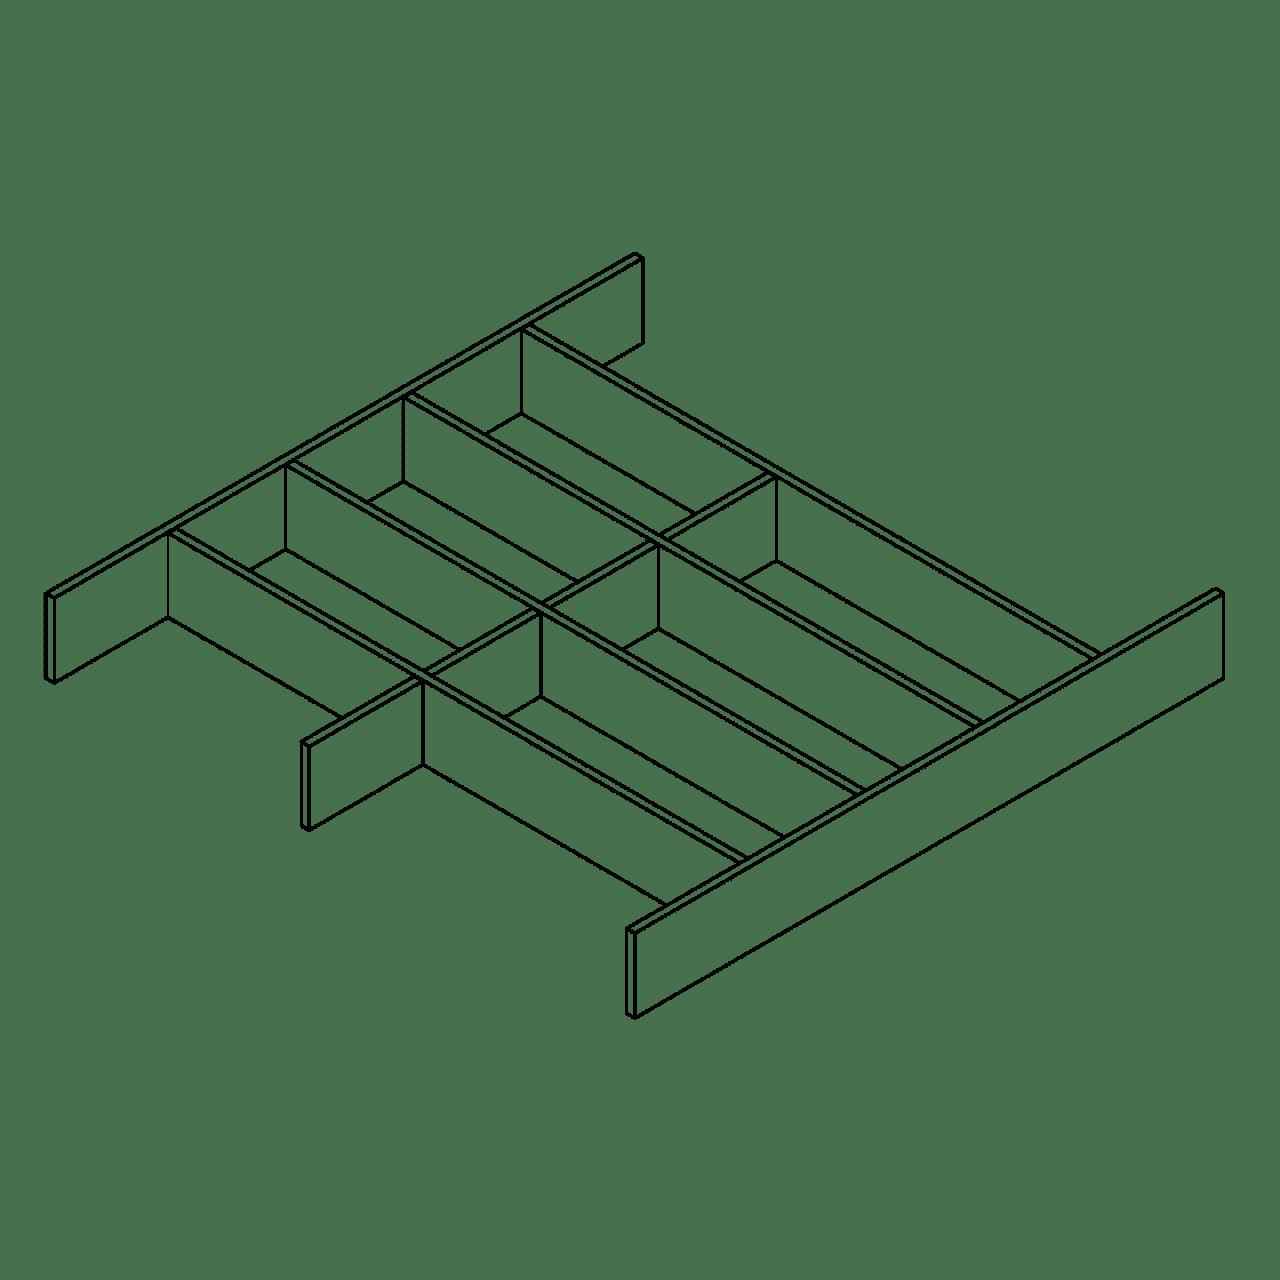 Besteckeinsatz für Systemtiefe 65 cm